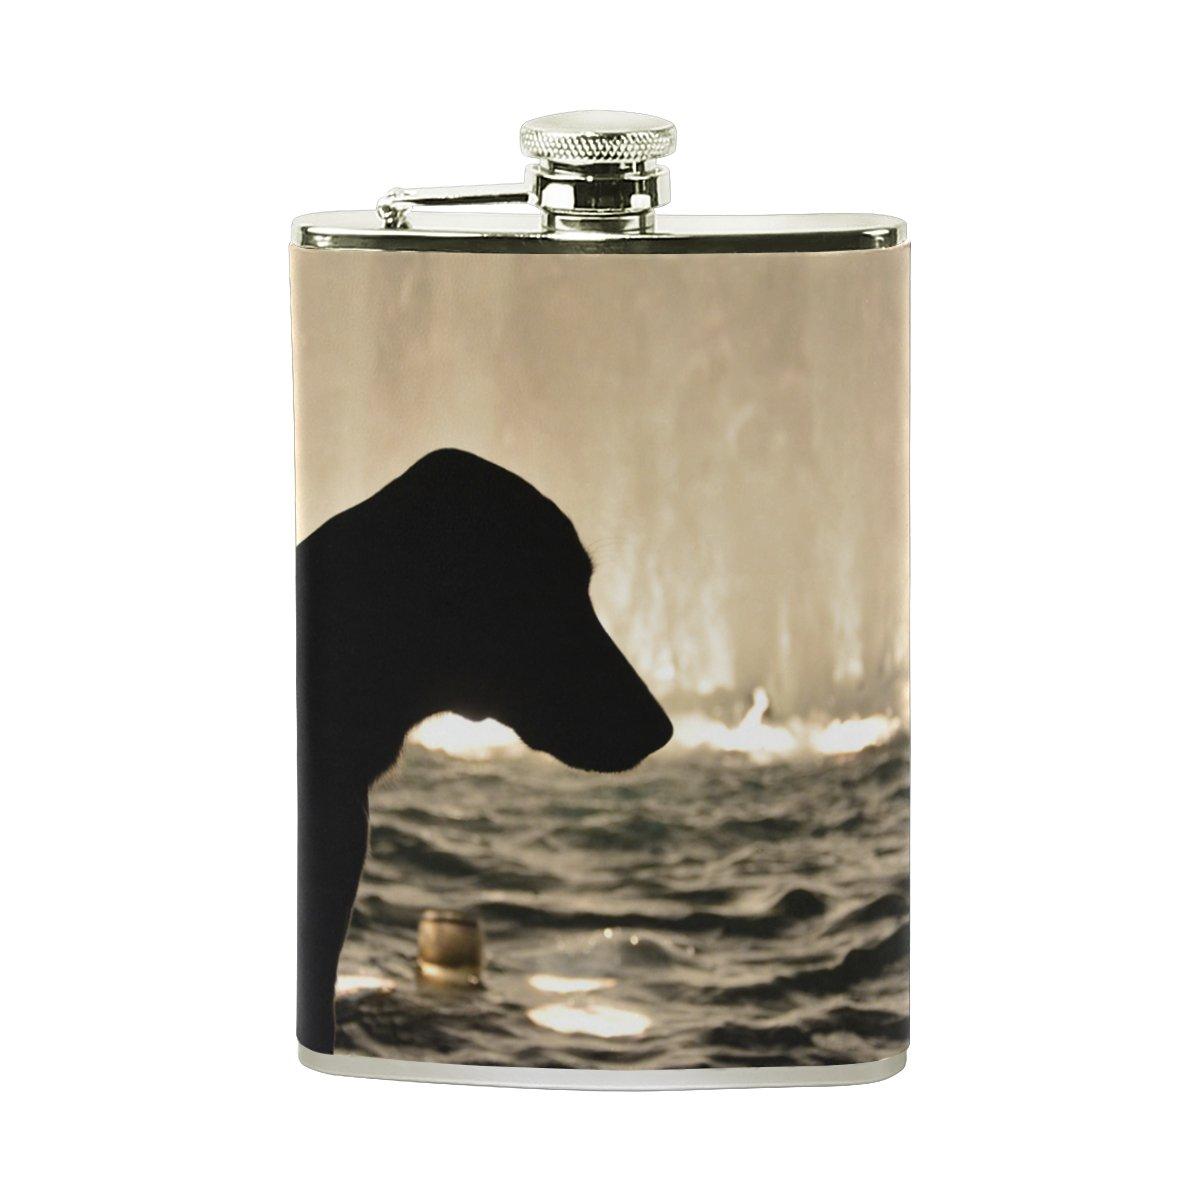 【安心発送】 deyyaメンズ犬ステンレス鋼ポケットヒップフラスコワインウイスキーポットDrinking B07951YQX6 Spirits Spirits Liquor Liquor B07951YQX6, カミングネット株式会社:8b8877b1 --- a0267596.xsph.ru